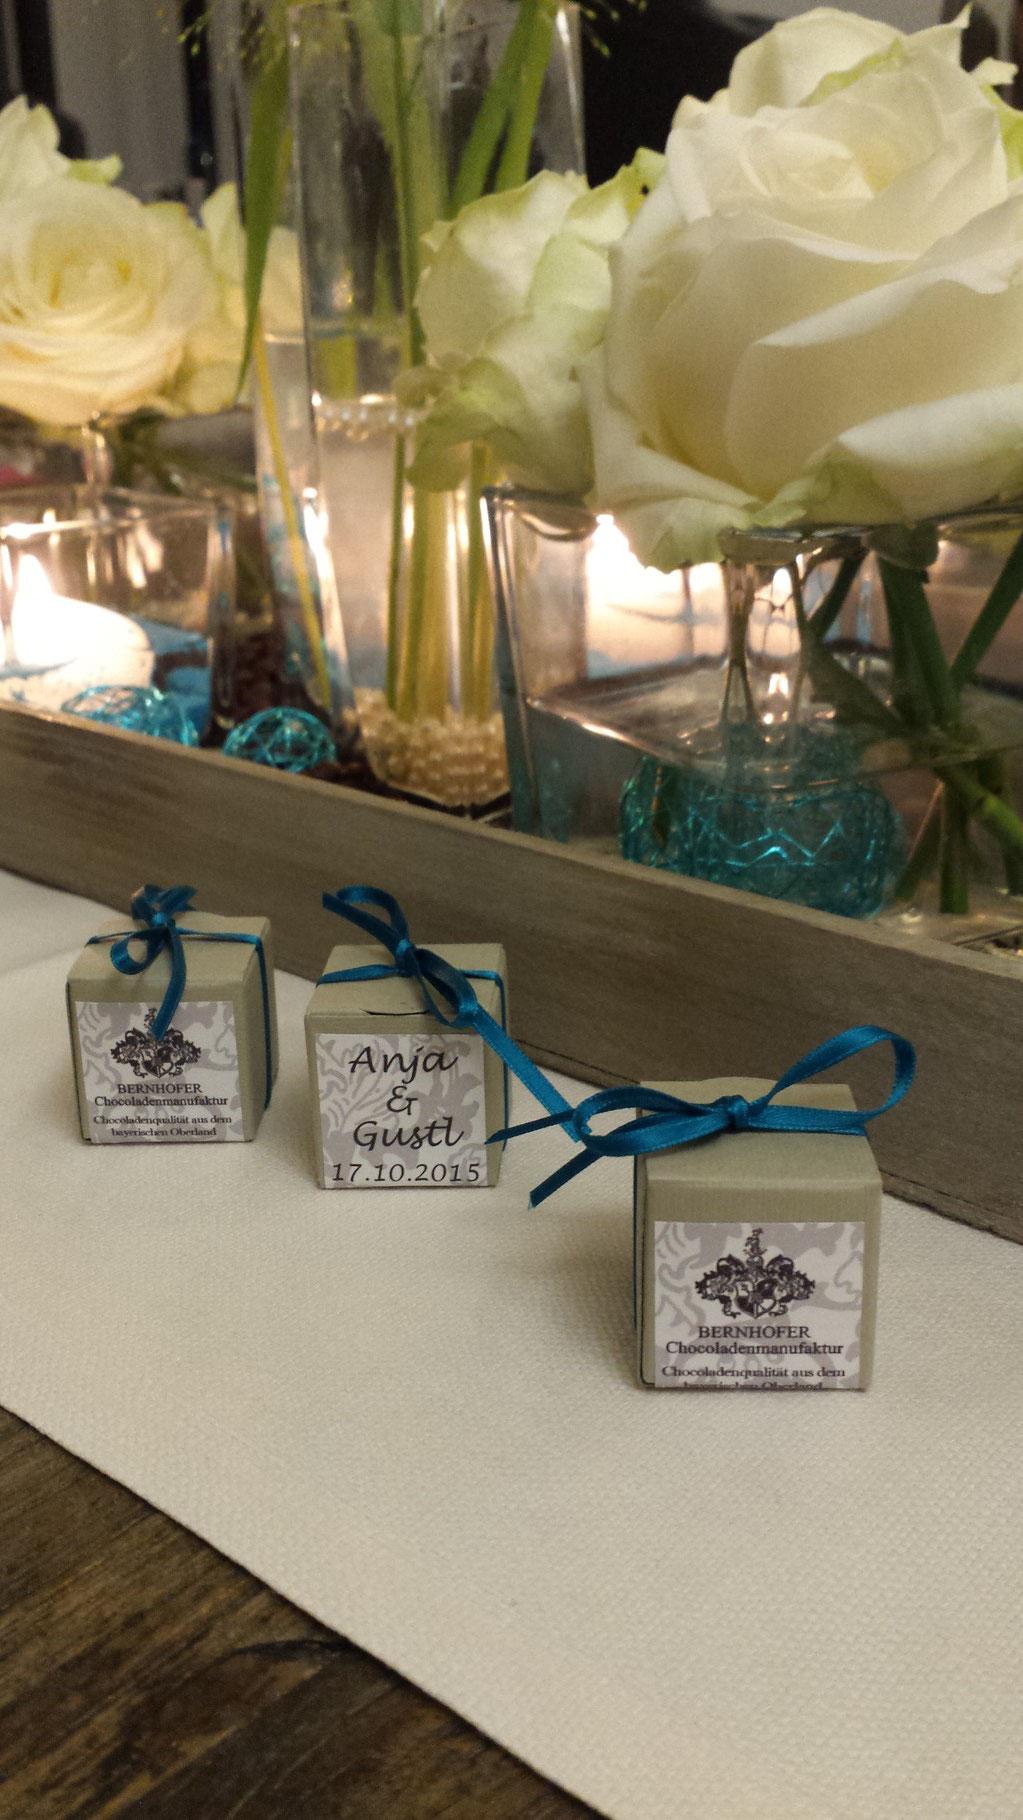 Pralinen-Gastgeschenke bei Hochzeit von Anja & Gustl - Oktober 15